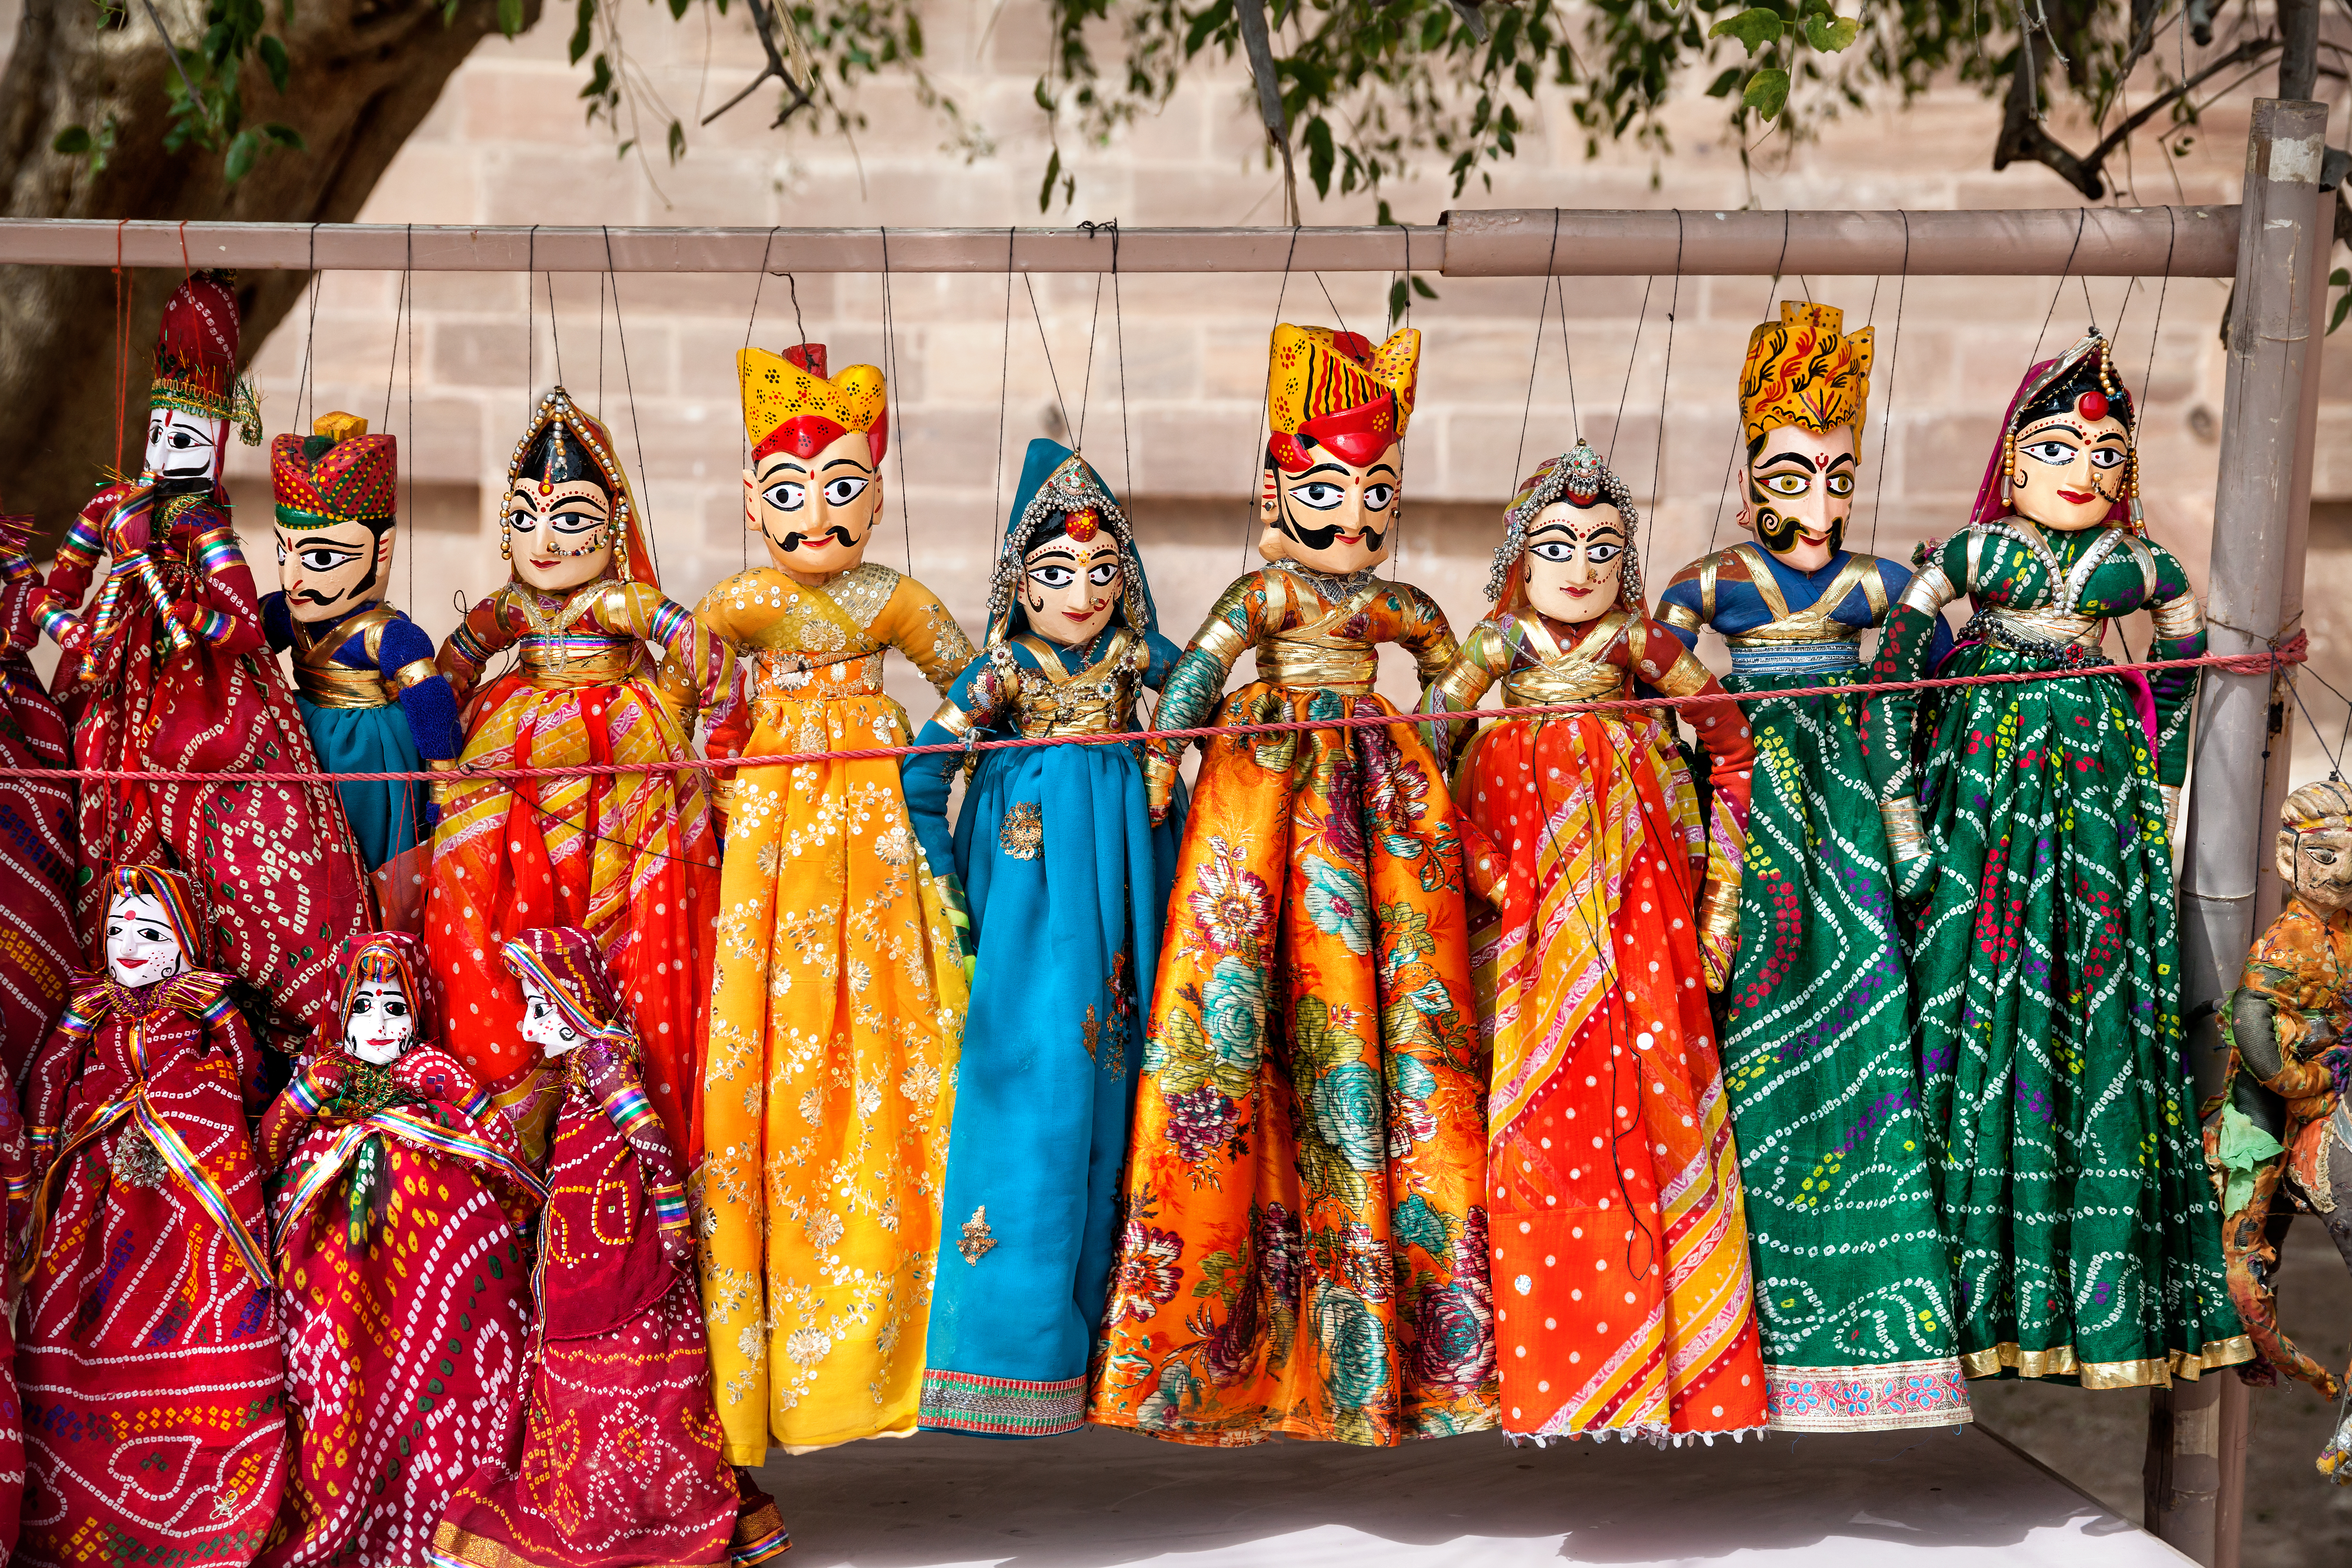 Delhi, ciudad capaz de saciar el apetito de los shoppers más exigentes - India Gran Viaje India Fascinante y Amritsar